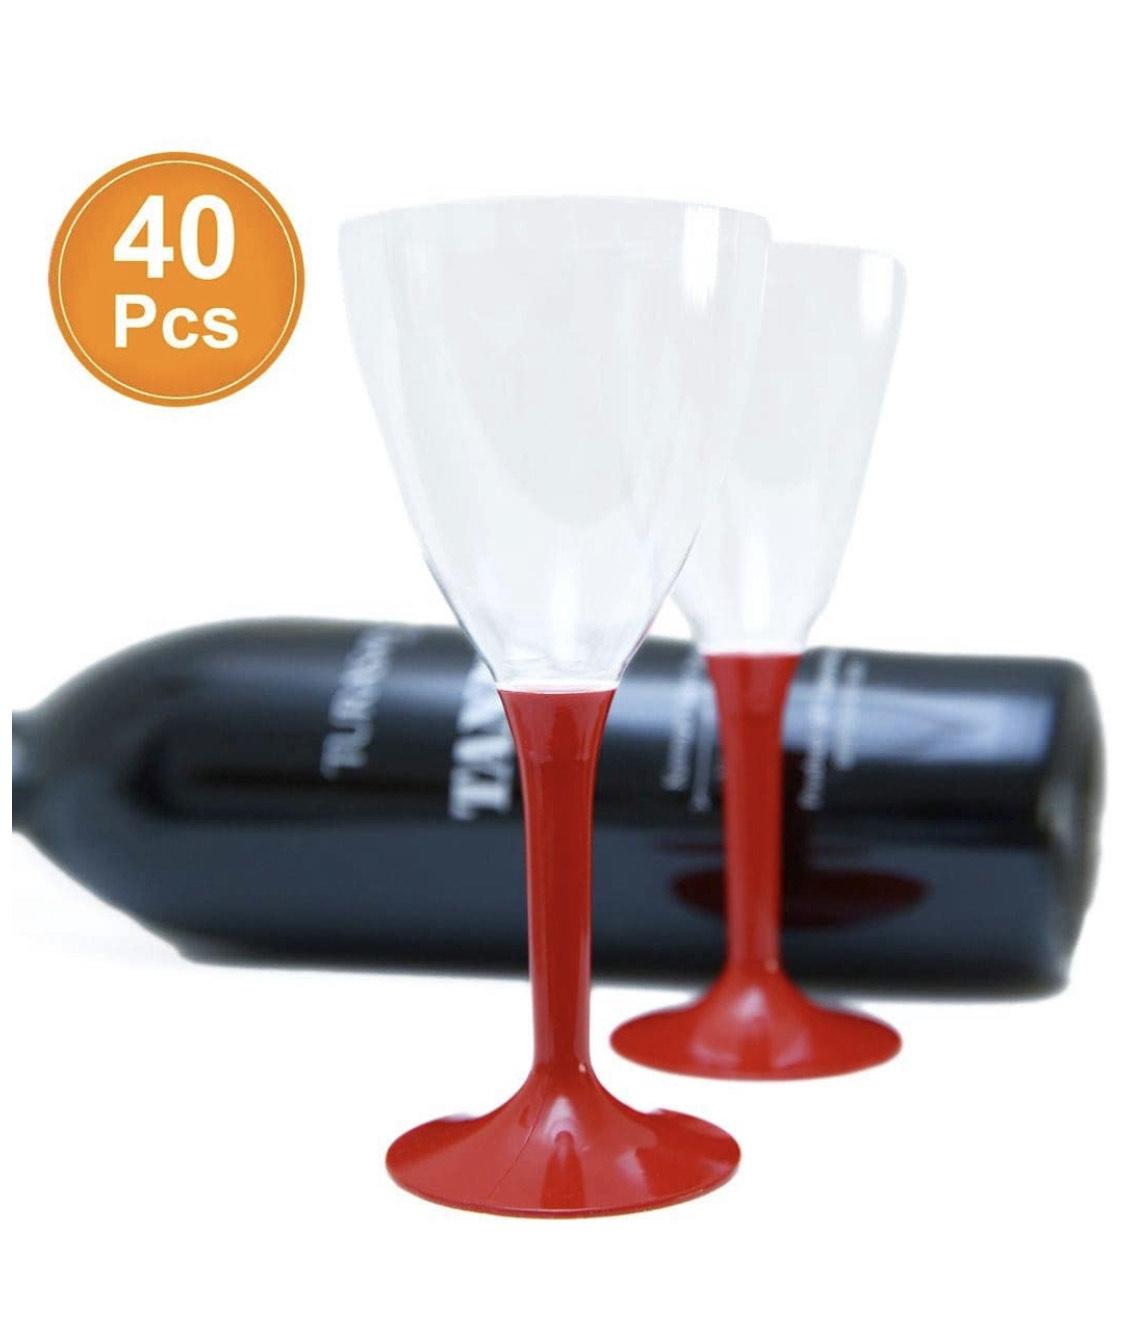 40 copas de vino desechables